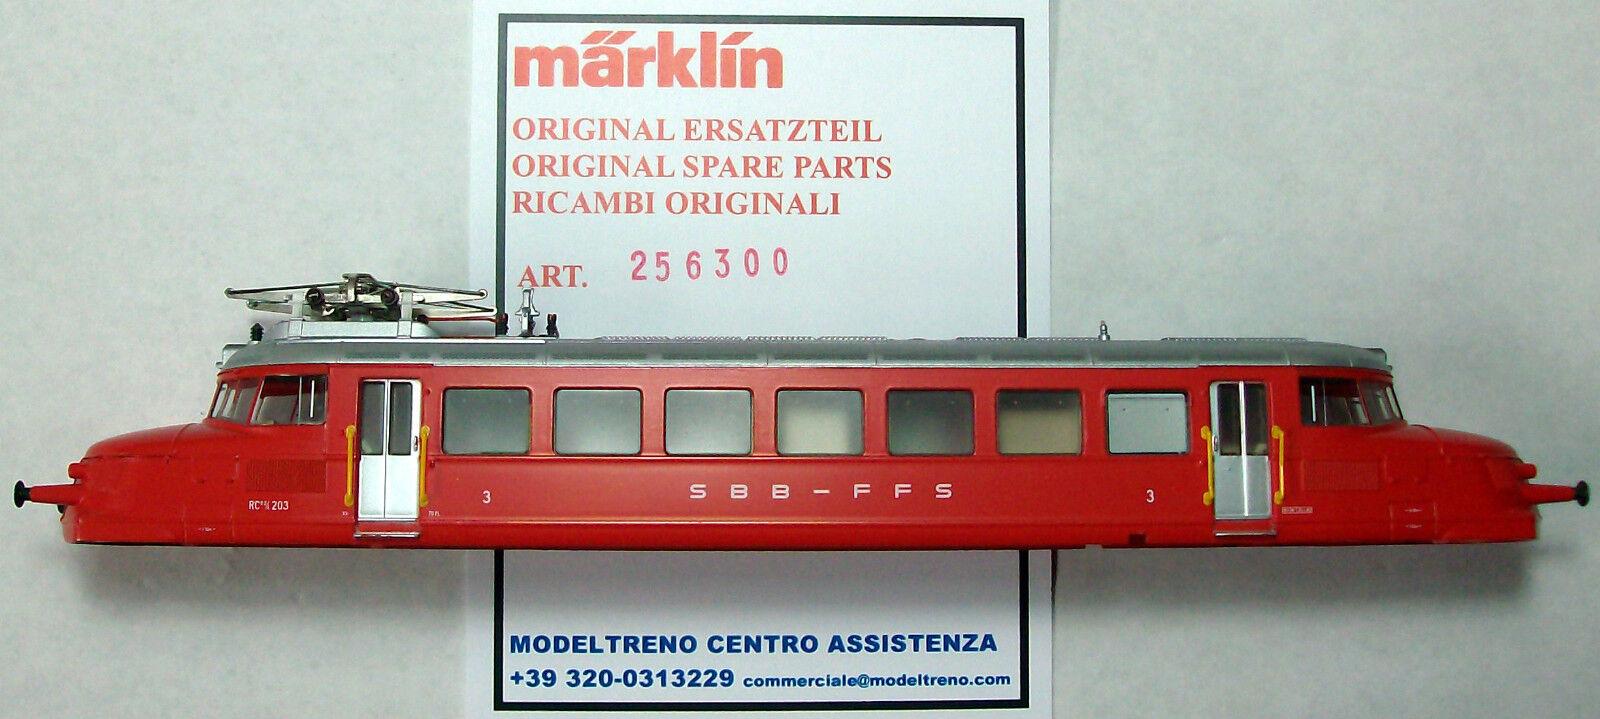 MARKLIN 25630 - 256300    MANTELLO LOCO - LOKAUFBAU  3125